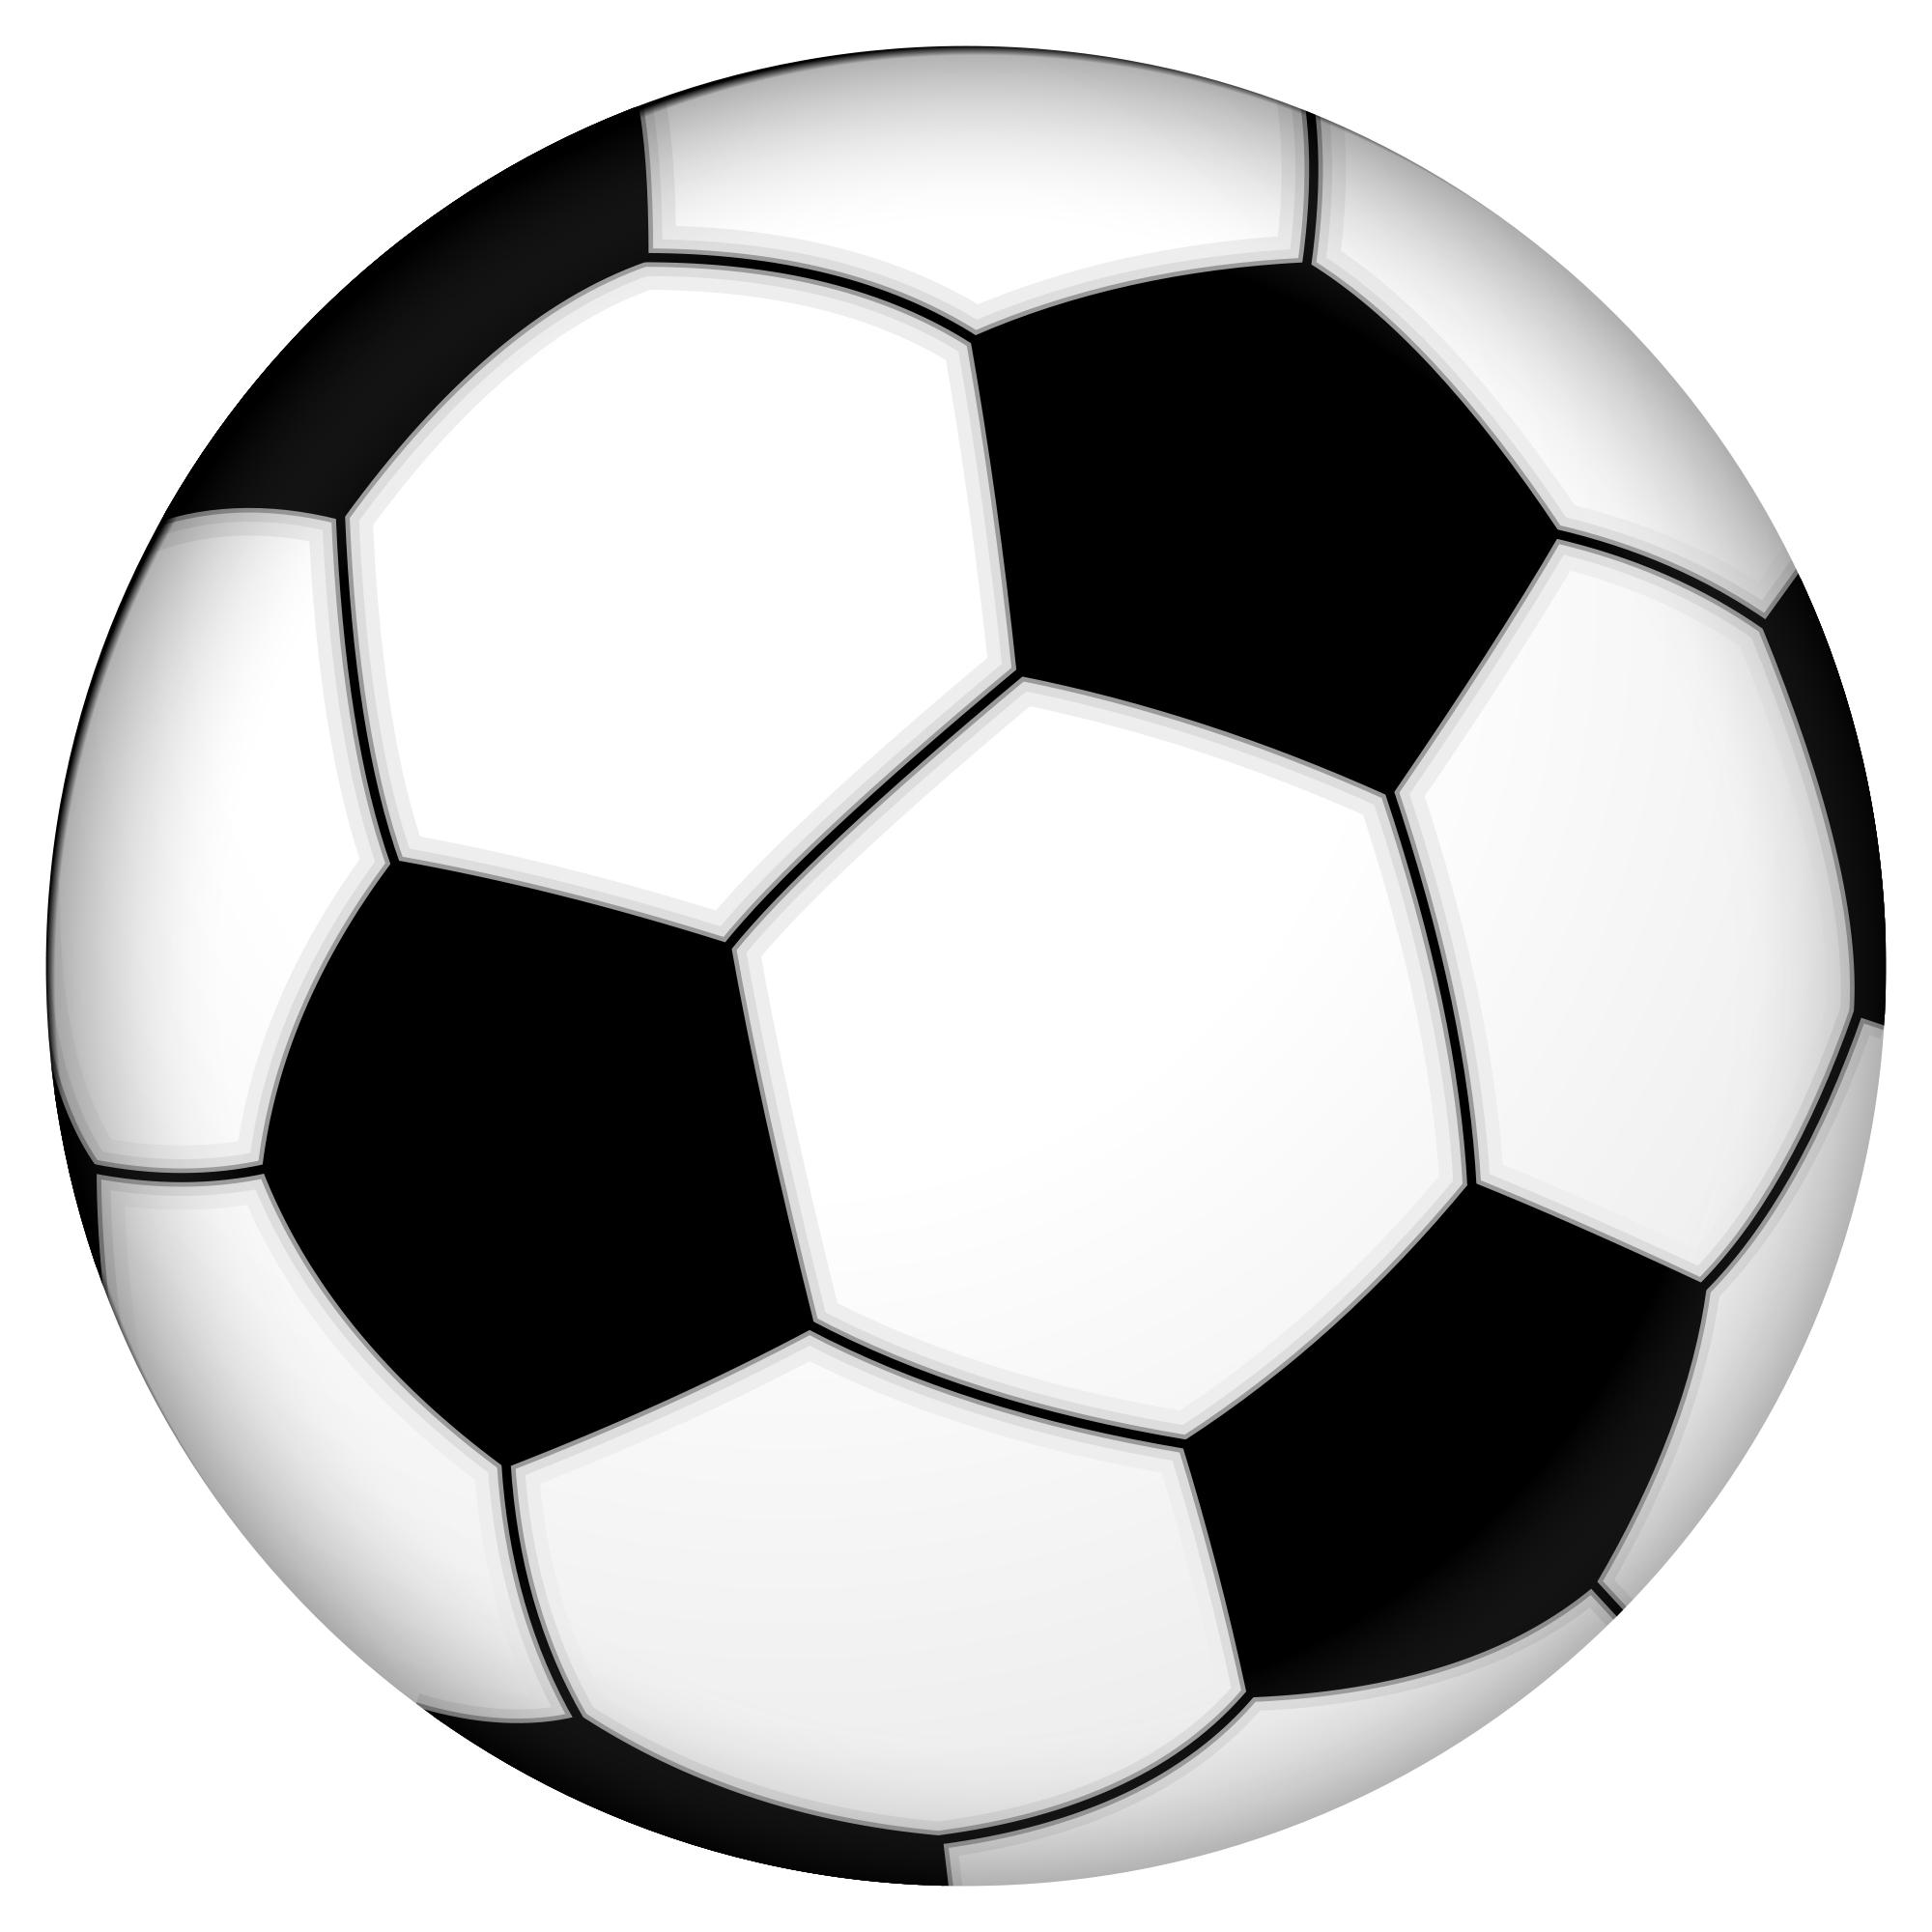 2000x2000 Soccer Ball Clip Art Png Clipart Panda